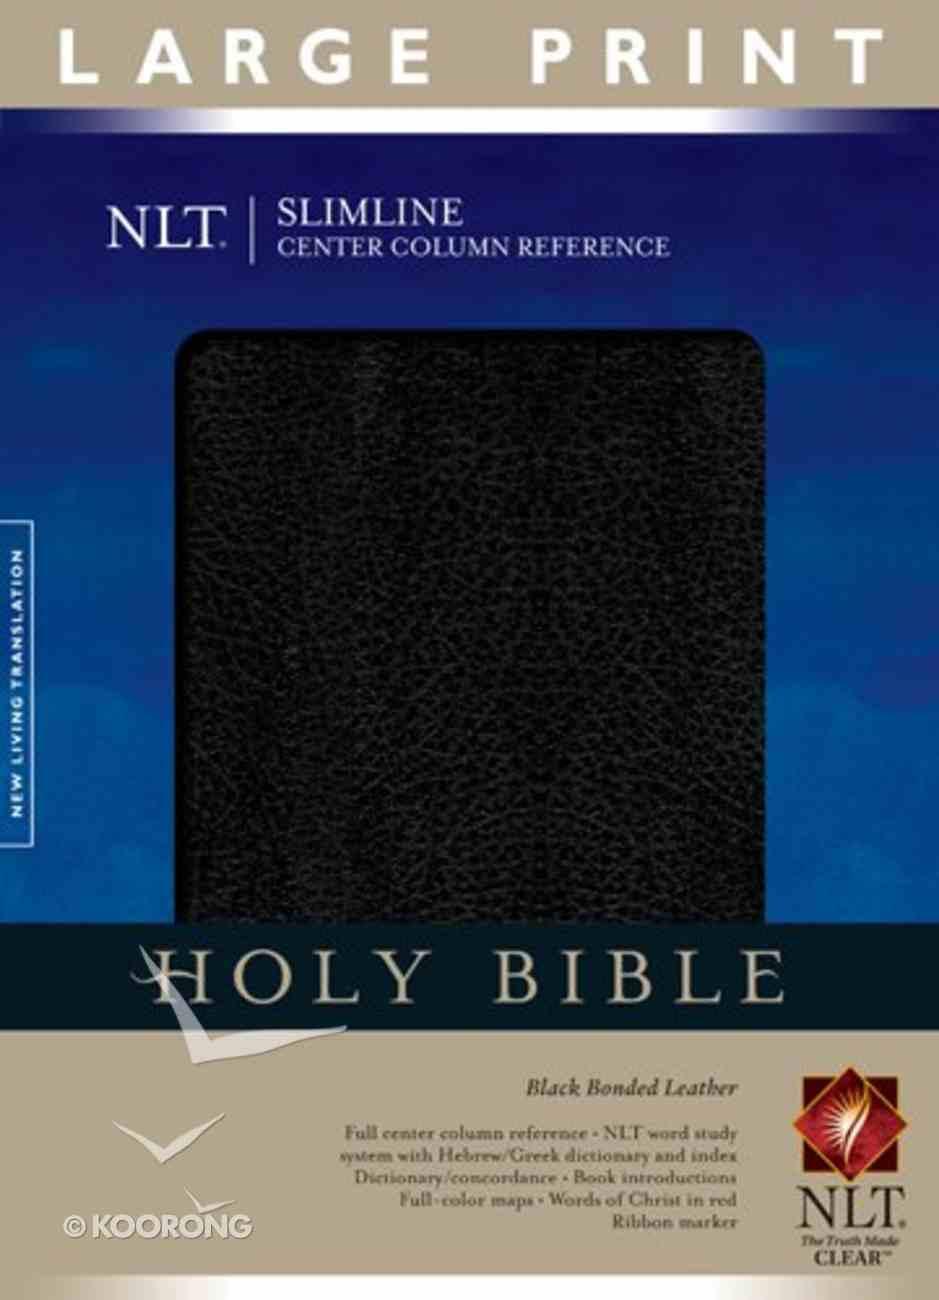 NLT Slimline Center Column Reference Large Print Black Bonded Leather